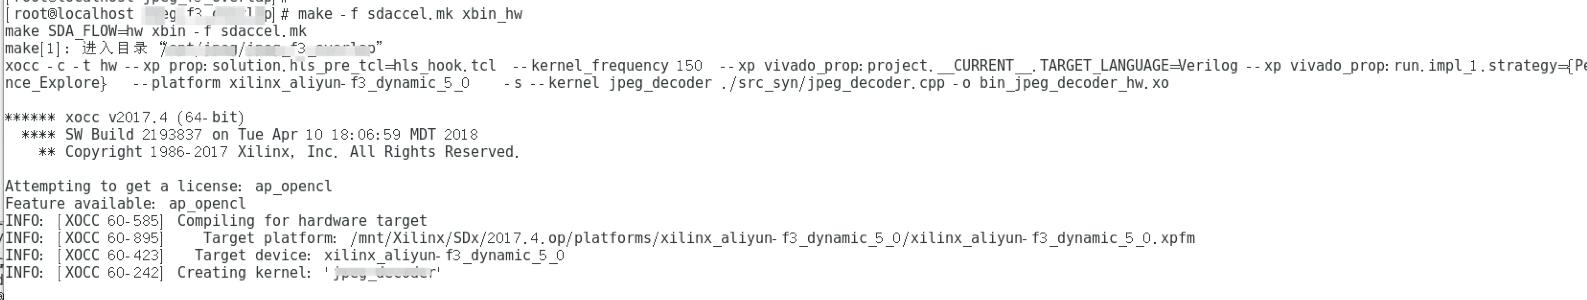 二进制文件开始编译